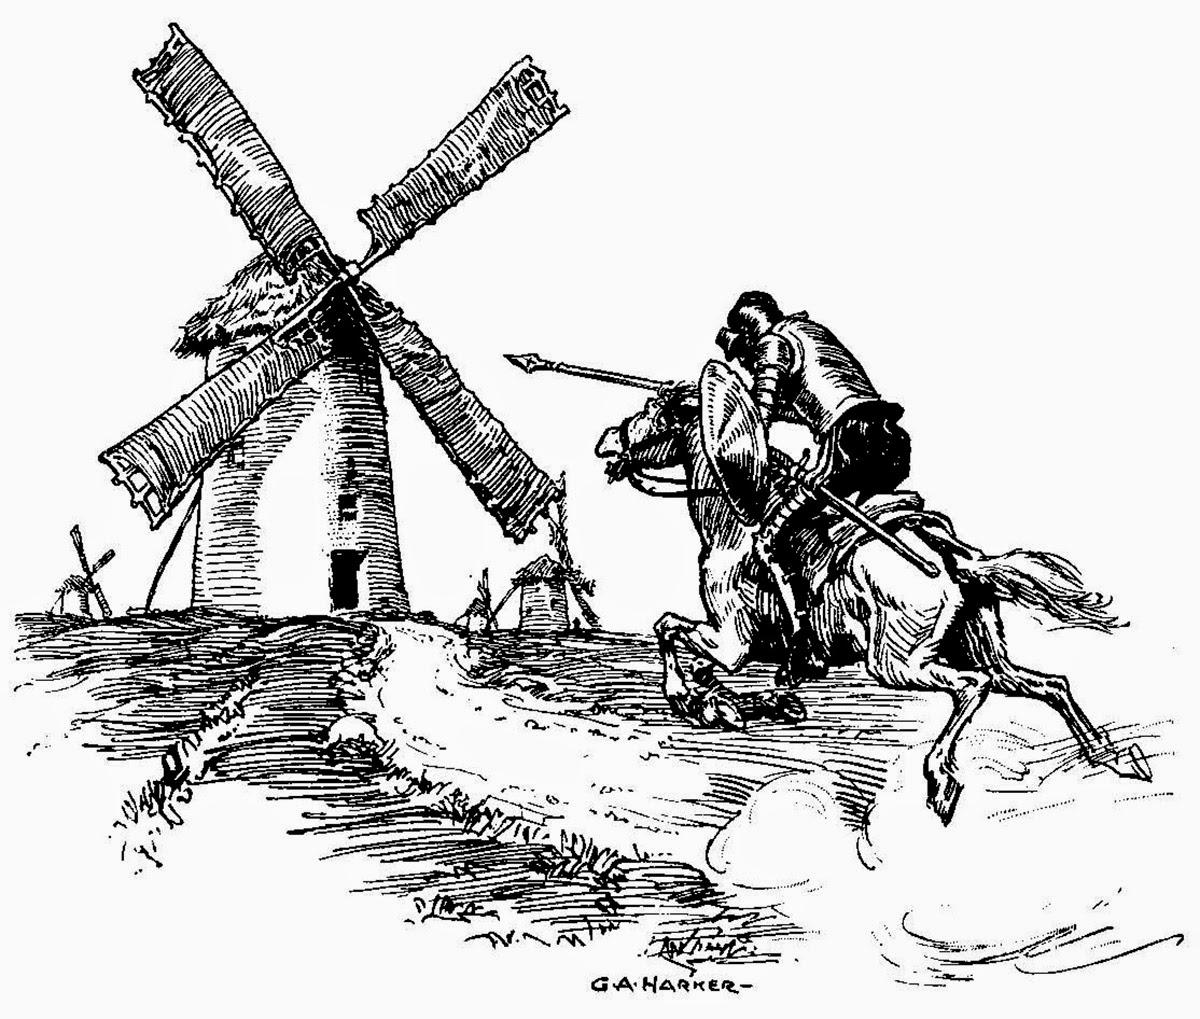 Don_Quixote_fighting_windmills.jpg